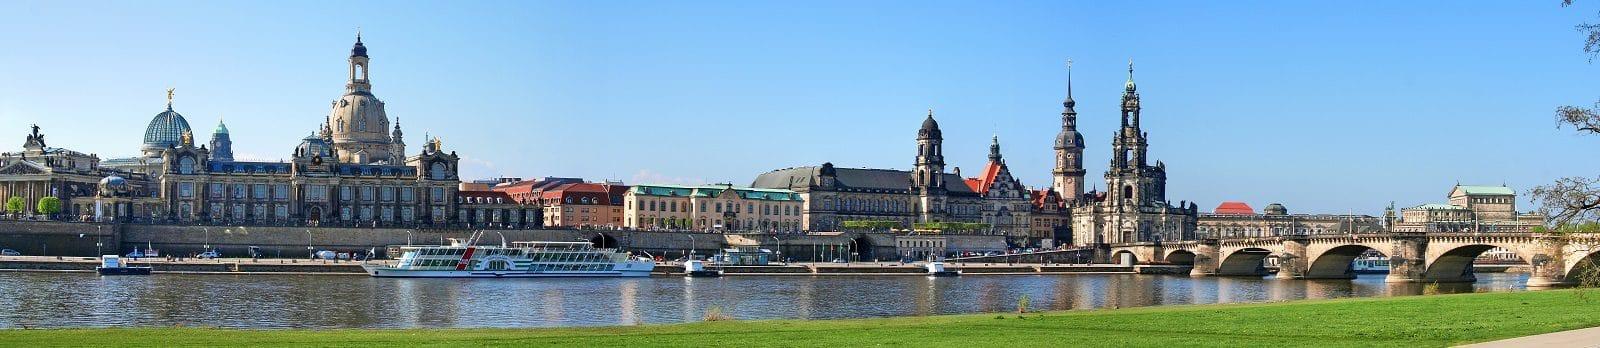 Blick auf die Elbmetropole Dresden mit typischem Stadtbild inklusive Frauenkirche